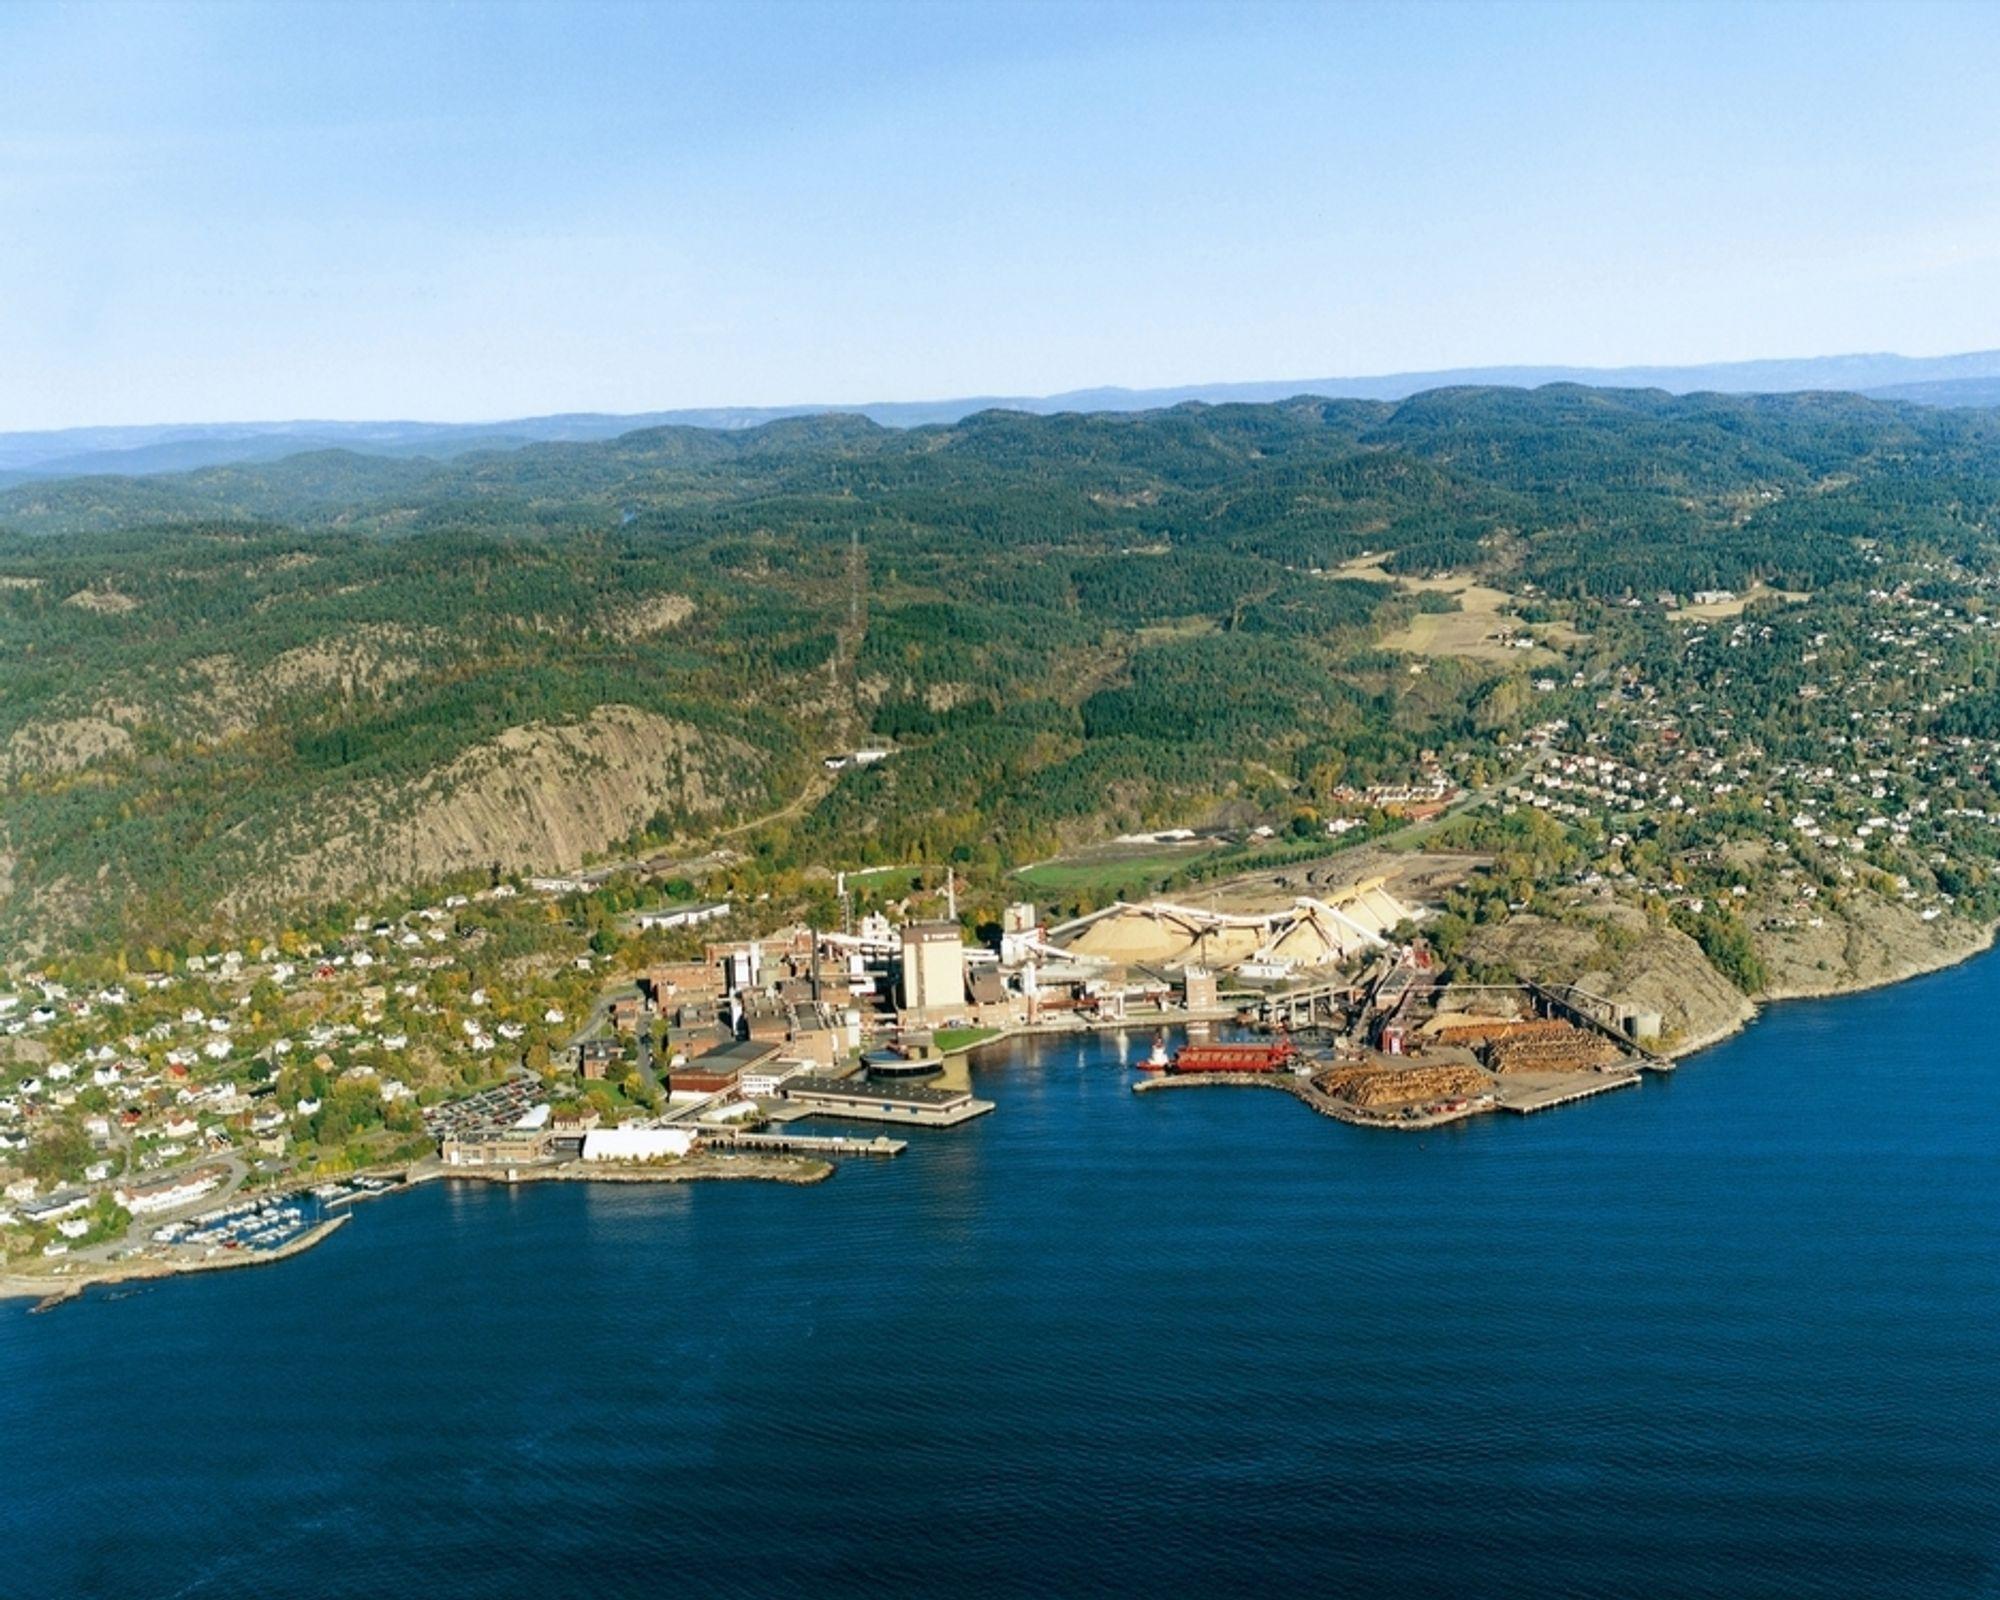 KRAFT OG PAPIR: Södra Cell Toftes kraftproduksjon foregår i det store gule tårnet midt på bildet. Den inneholder Norges største biobrenselkjele.